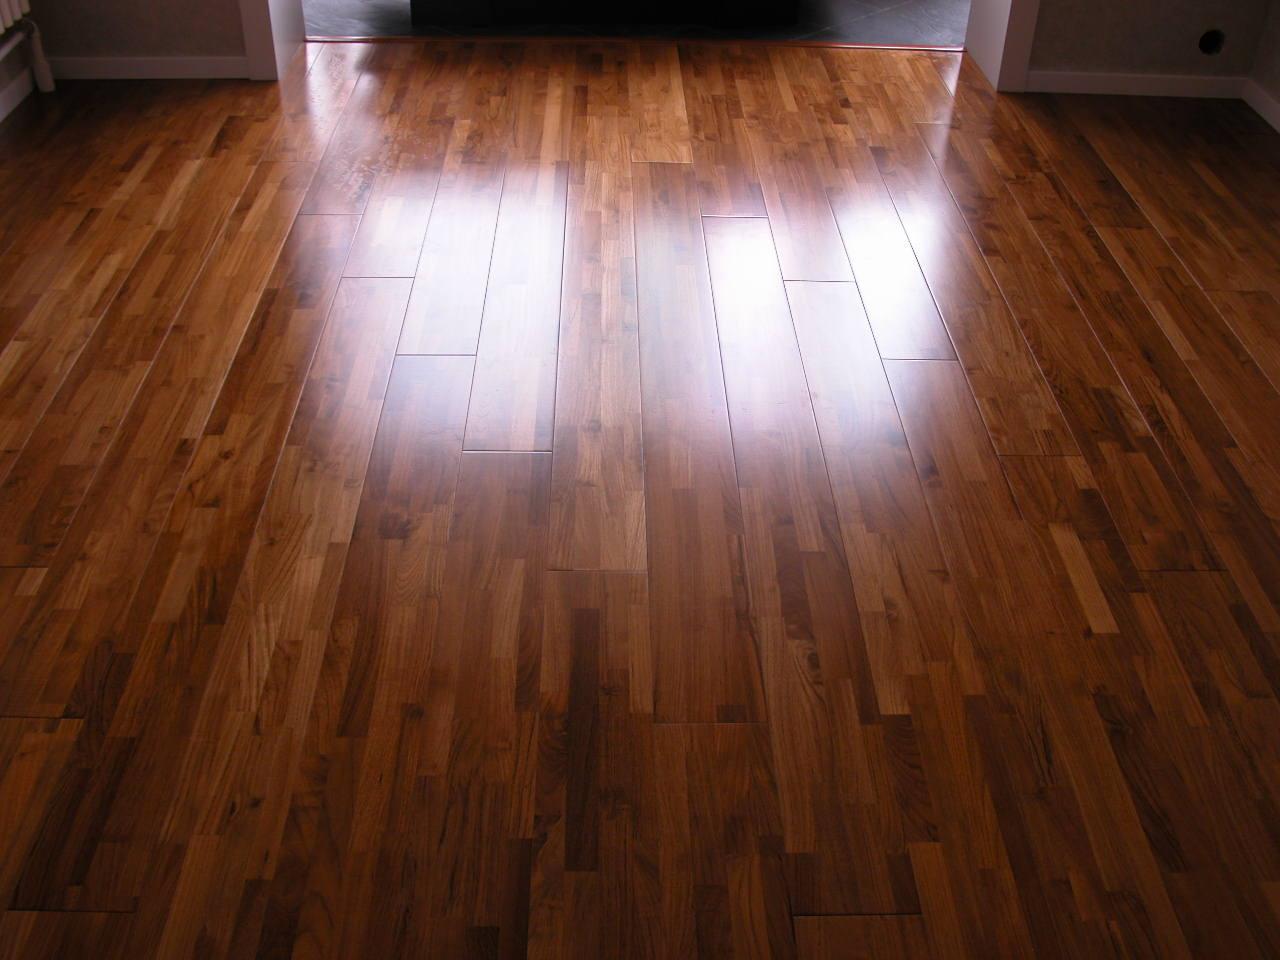 为什么国内普遍流行铺木地板,而国外普遍铺地毯?